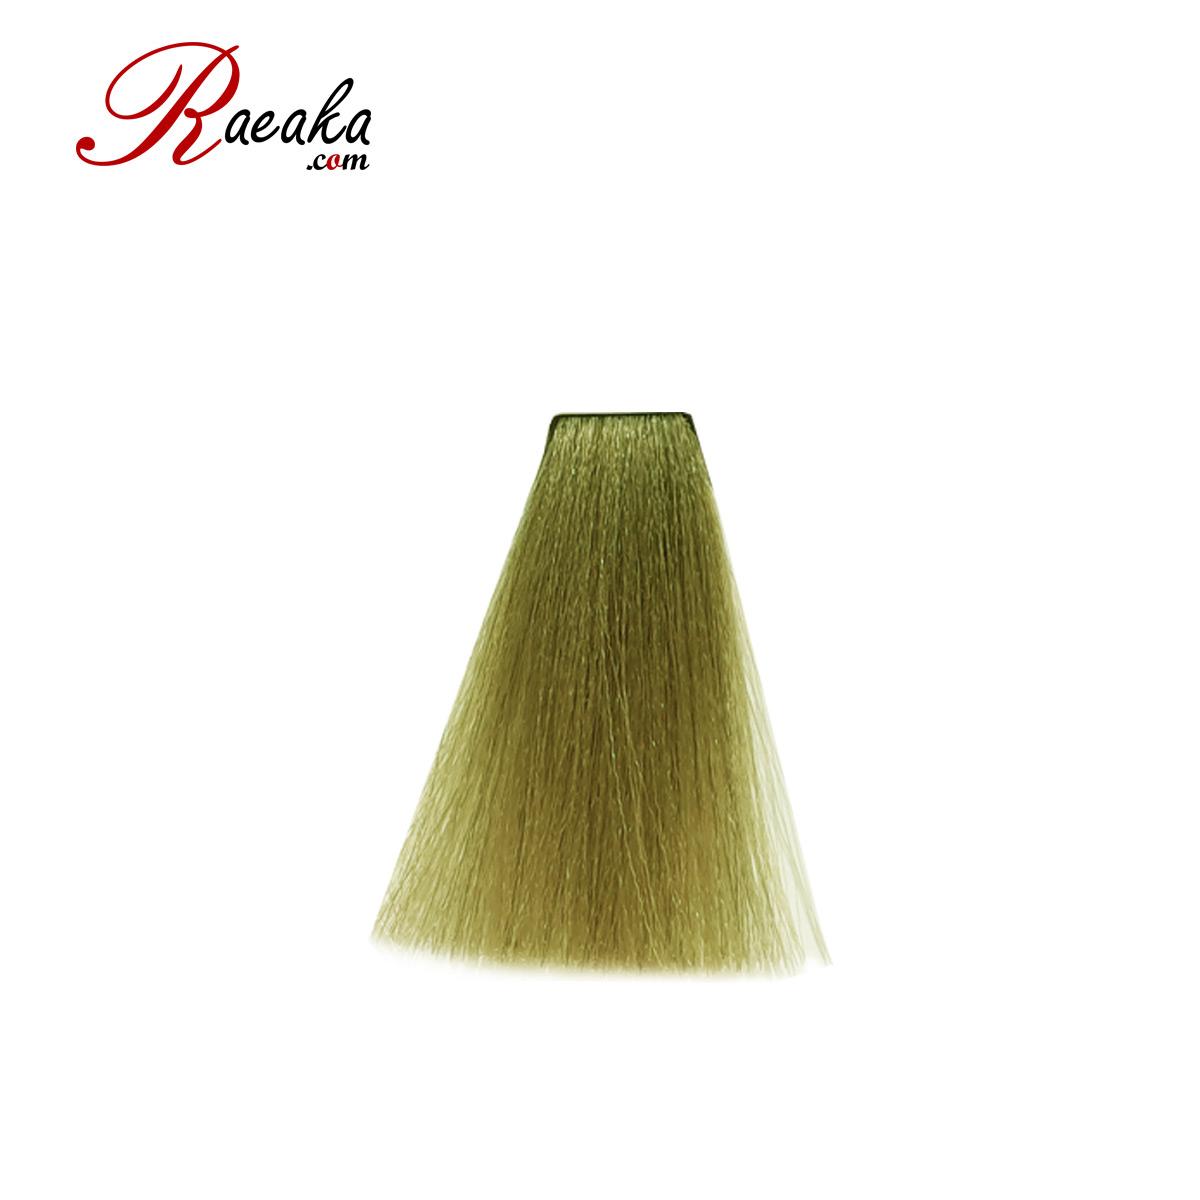 رنگ مو دوشس سری زیتونی شماره M8 9-7 حجم 125 میلی لیتر